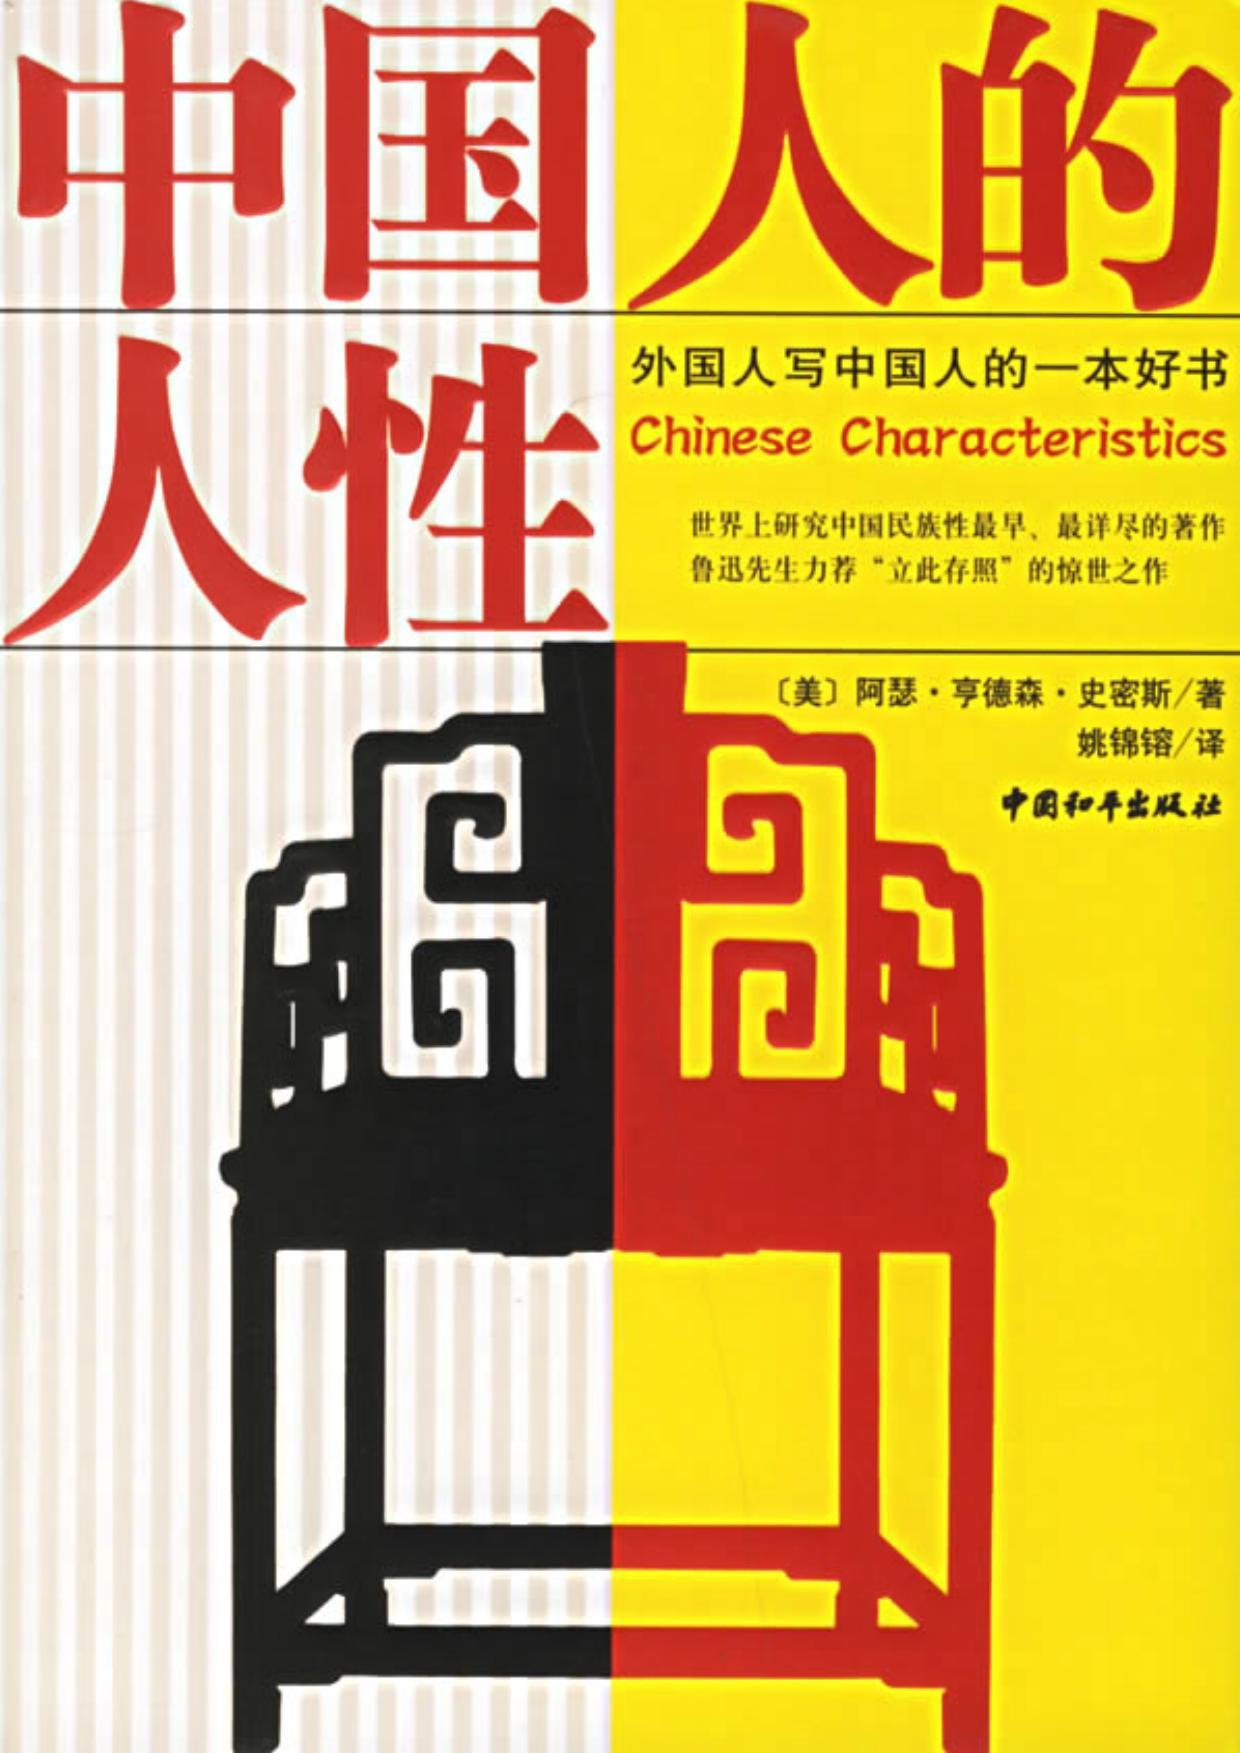 中国人的人性-免费小说下载